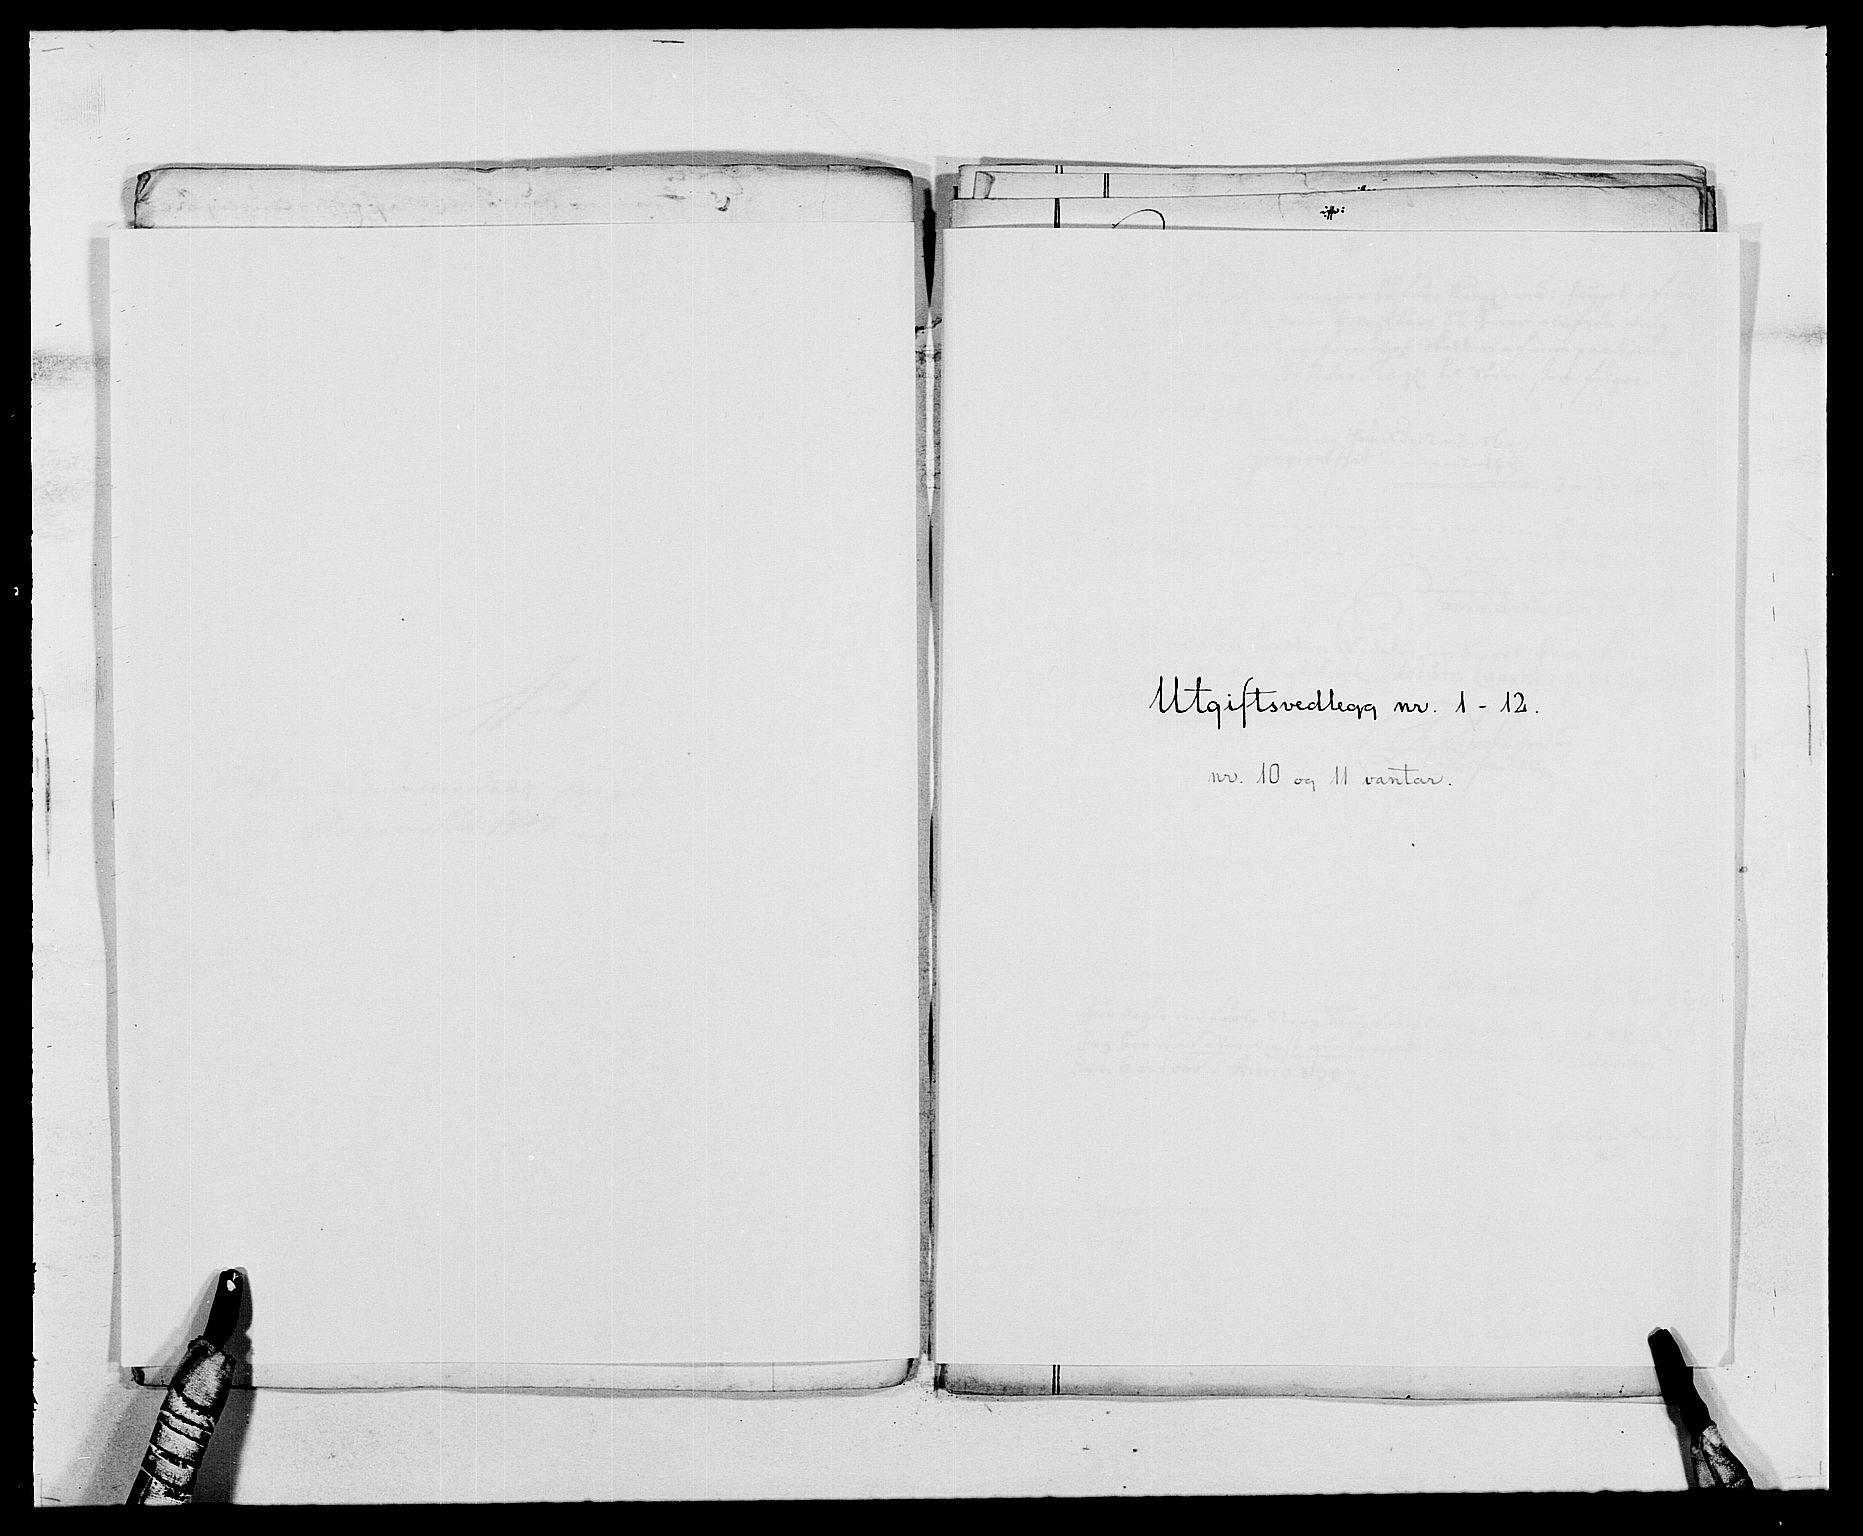 RA, Rentekammeret inntil 1814, Reviderte regnskaper, Fogderegnskap, R64/L4422: Fogderegnskap Namdal, 1687-1689, s. 75